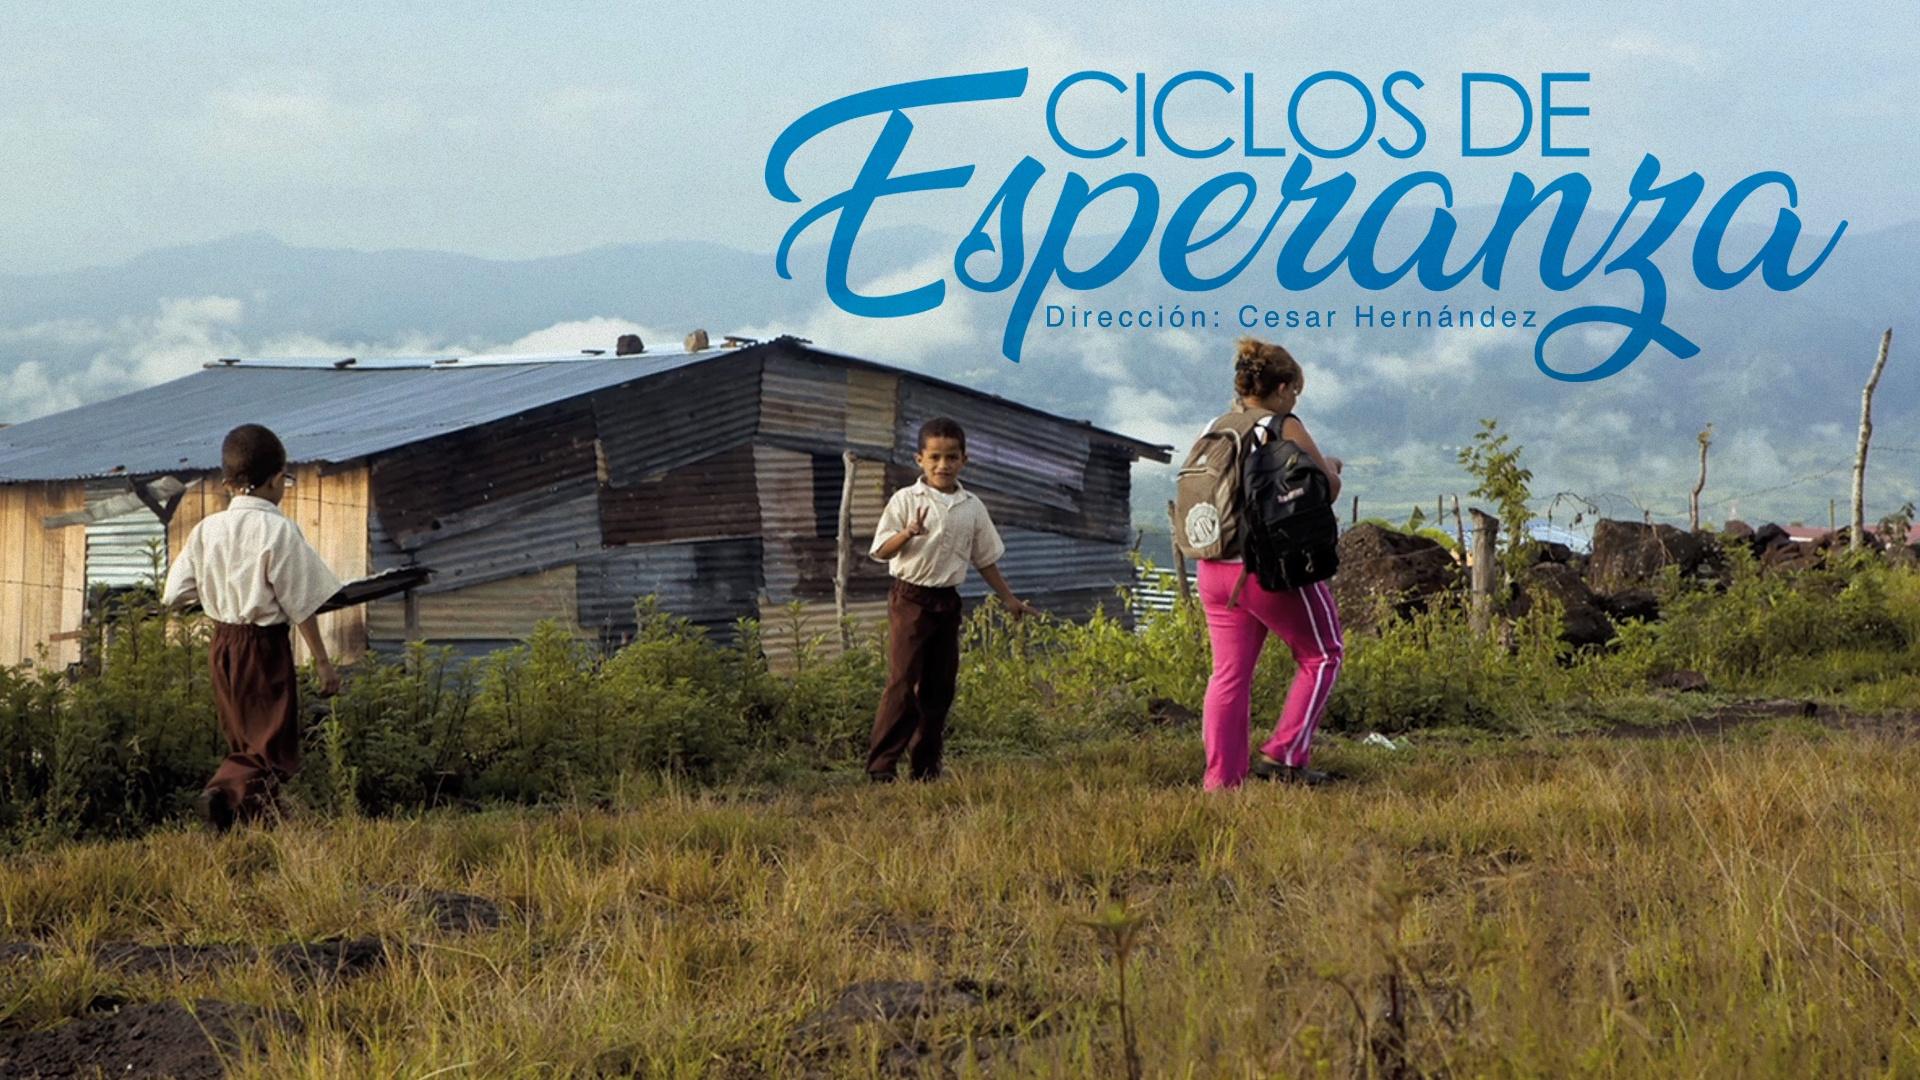 Ciclos de Esperanza